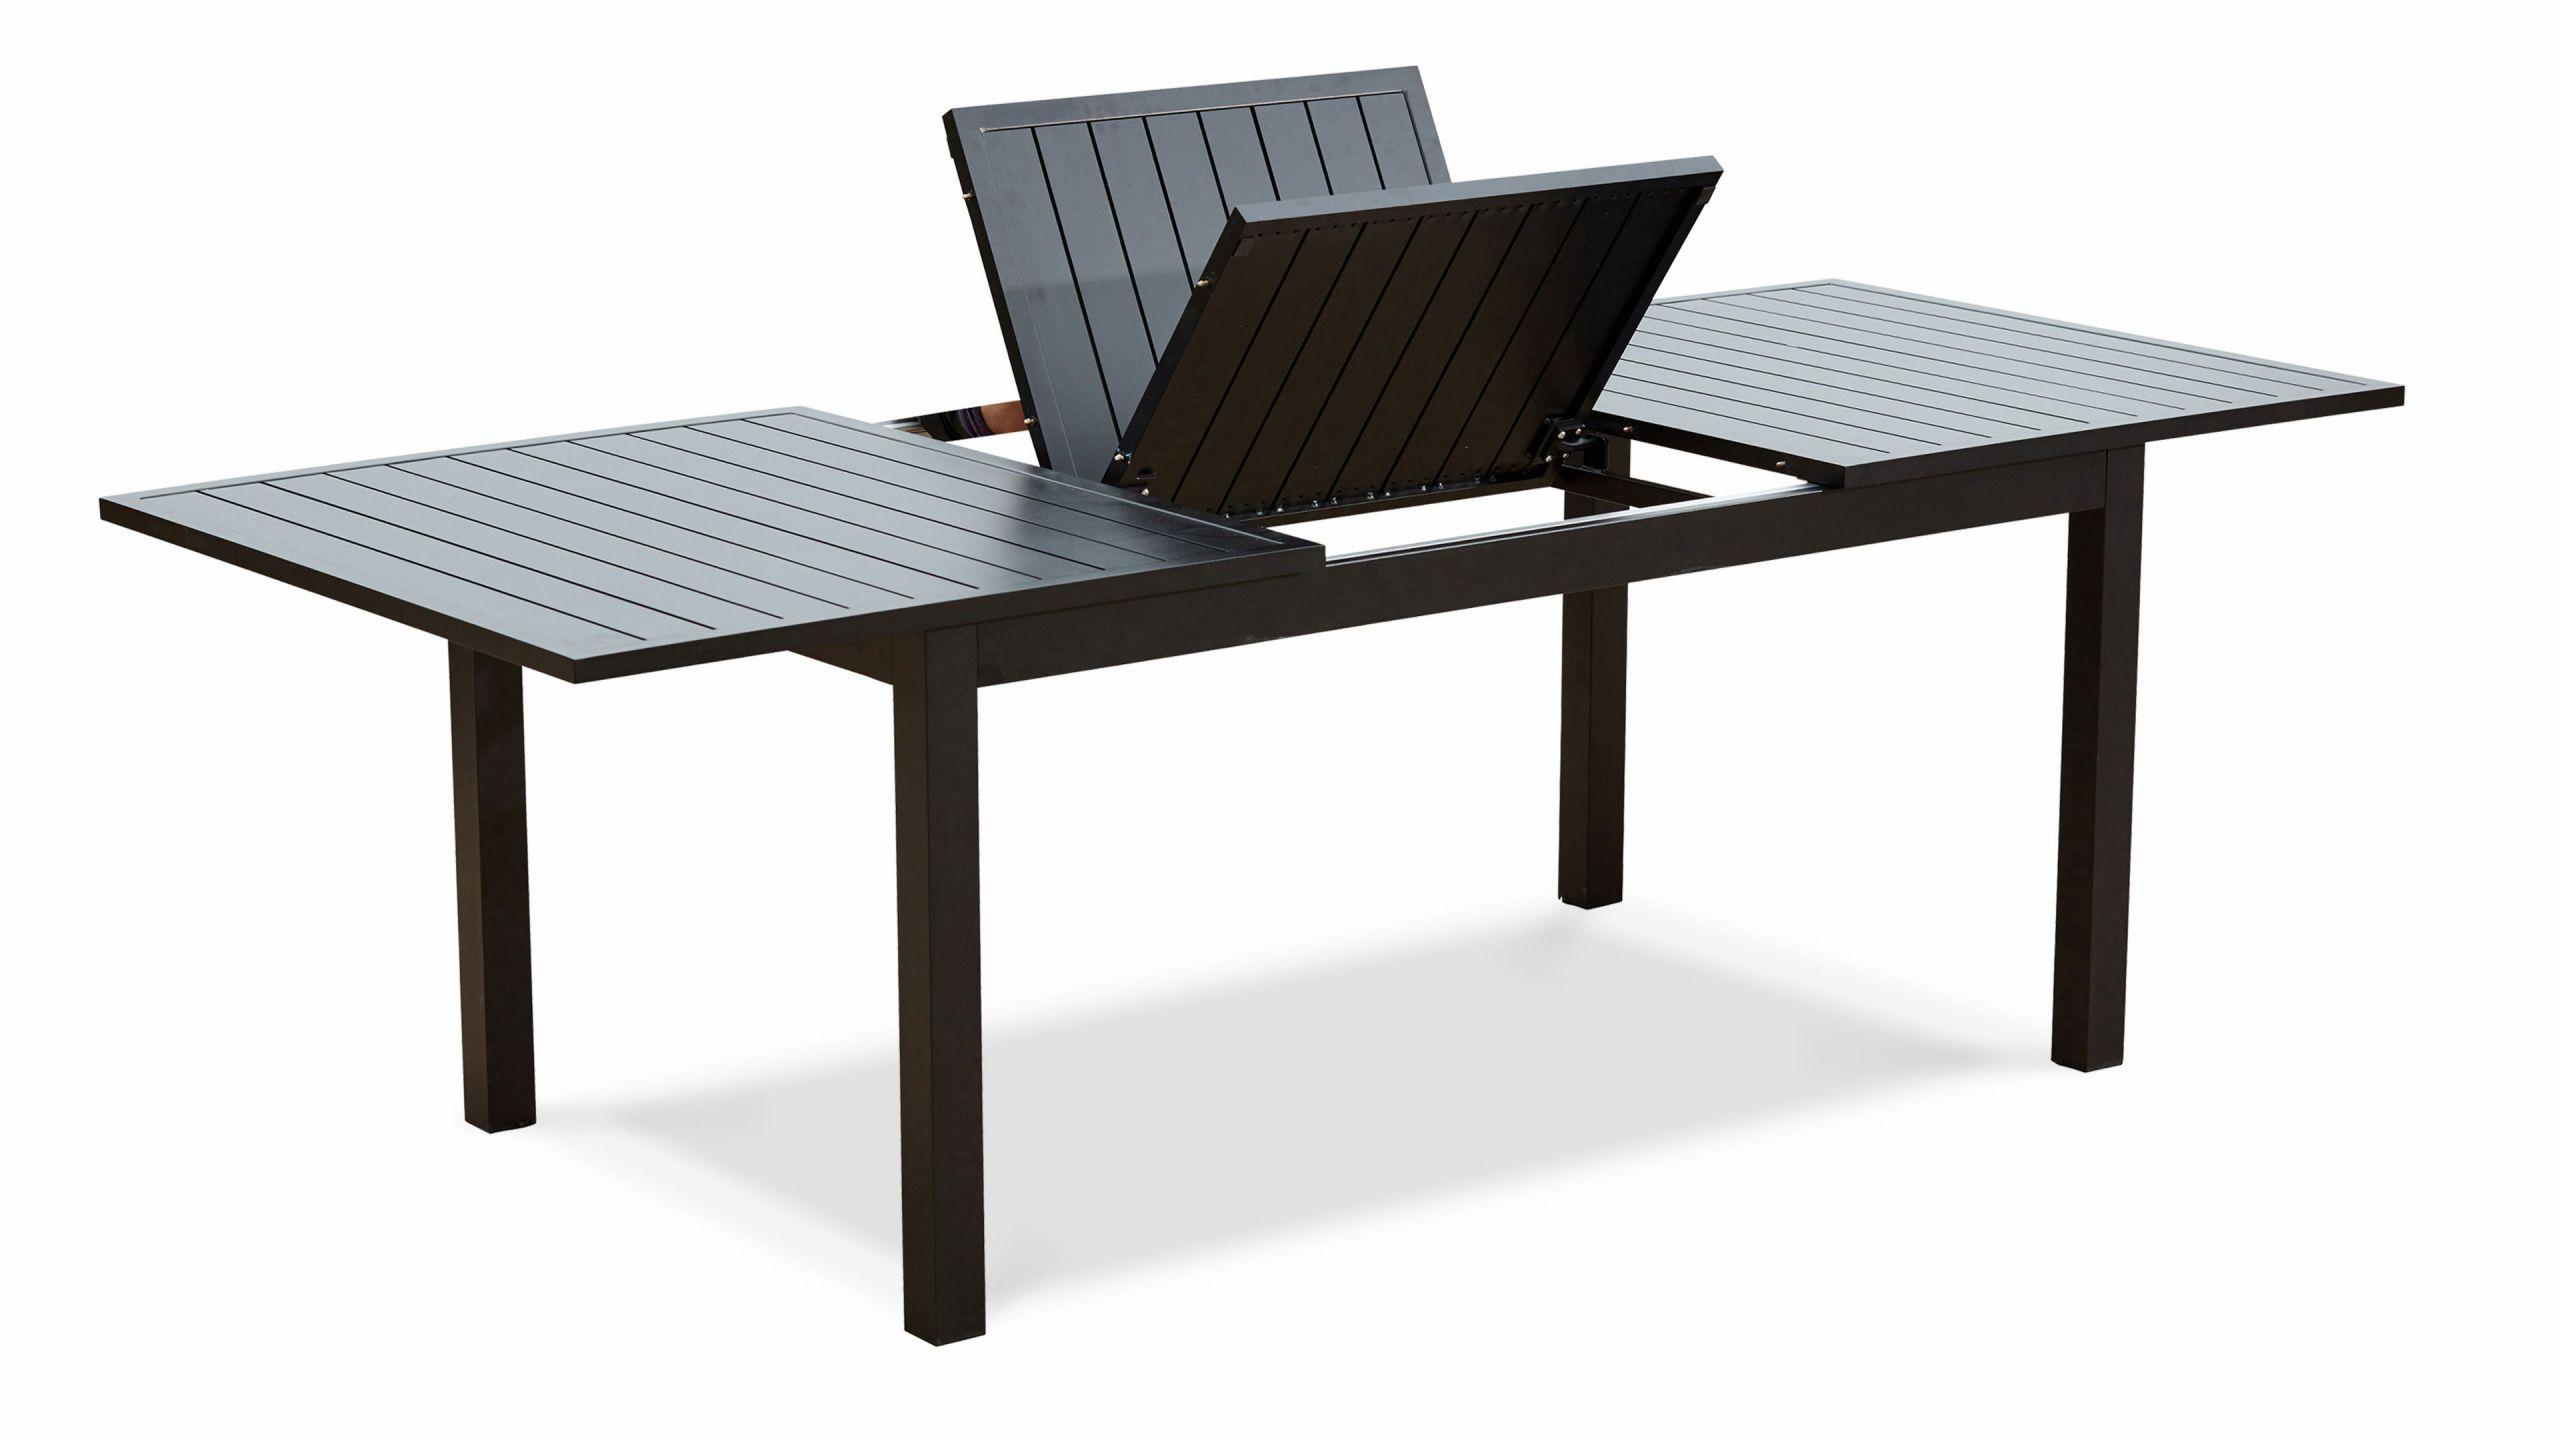 Table De Jardin Extensible Des Idées - Idees Conception Jardin dedans Table Jardin Aluminium Avec Rallonge